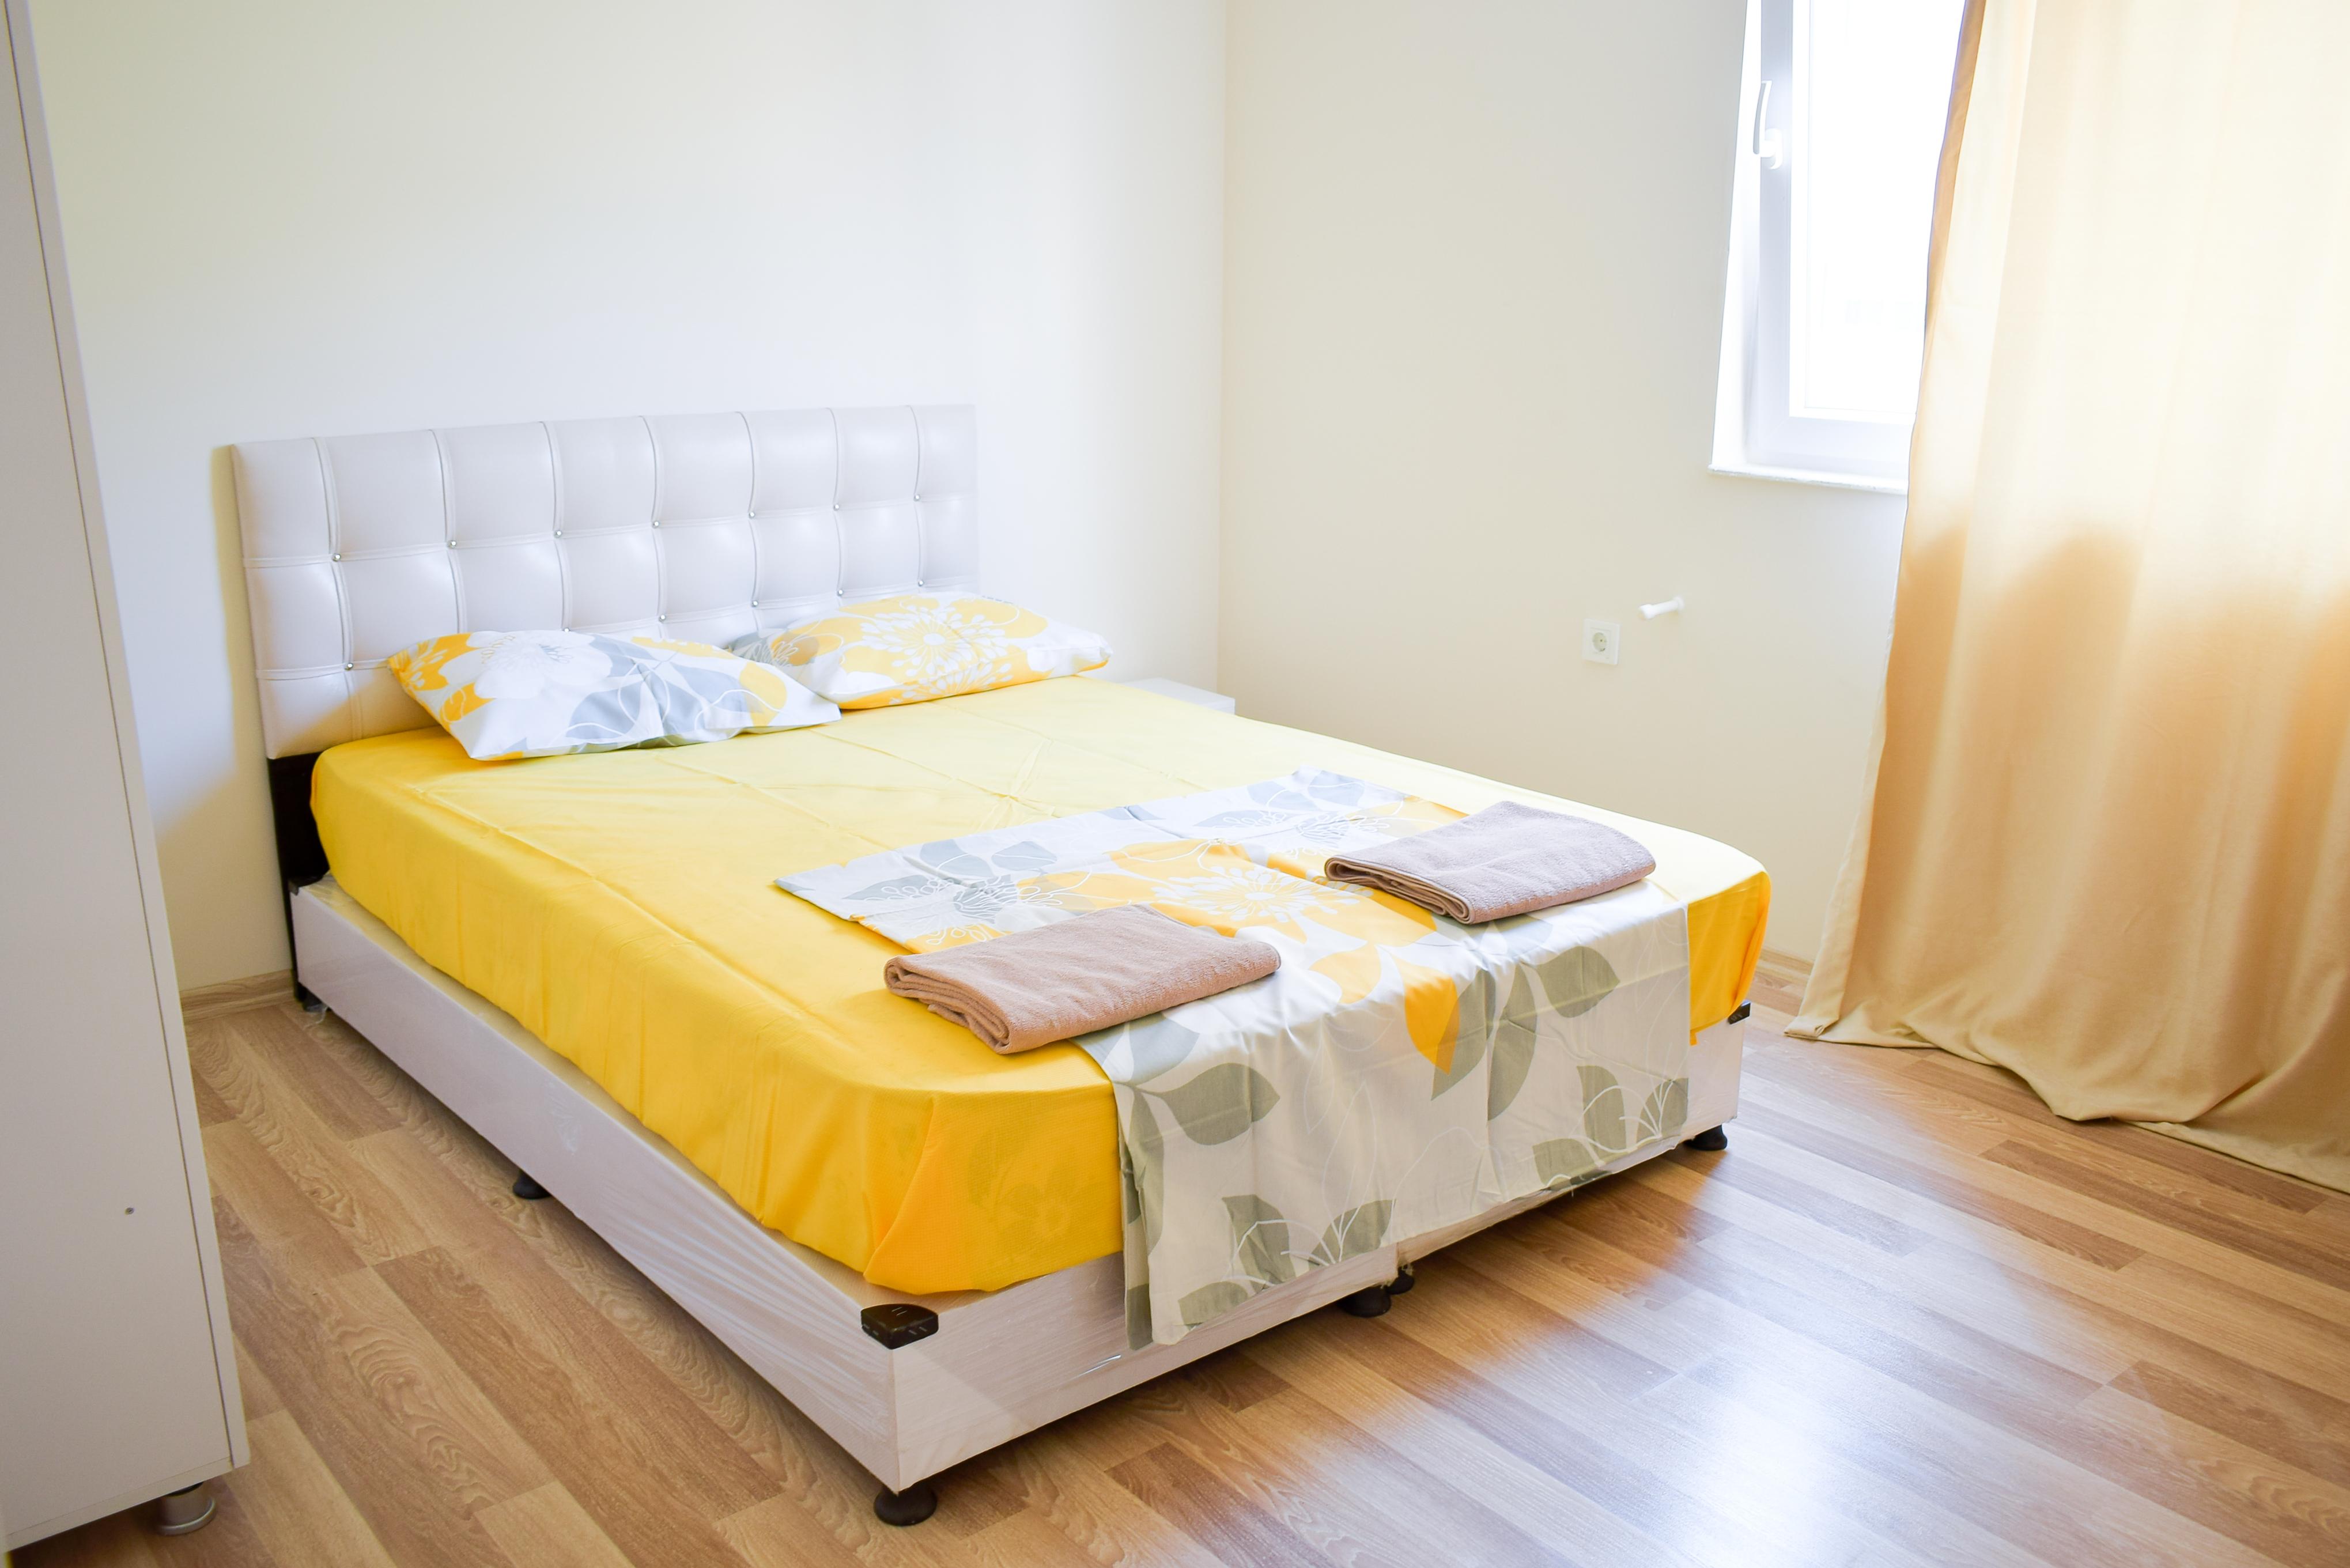 Ferienwohnung Gerumige 2 Schlafzimmer fr 5 mit Blick auf die Berge Gratis Wifi (2782161), Çakirlar, , Mittelmeerregion, Türkei, Bild 2